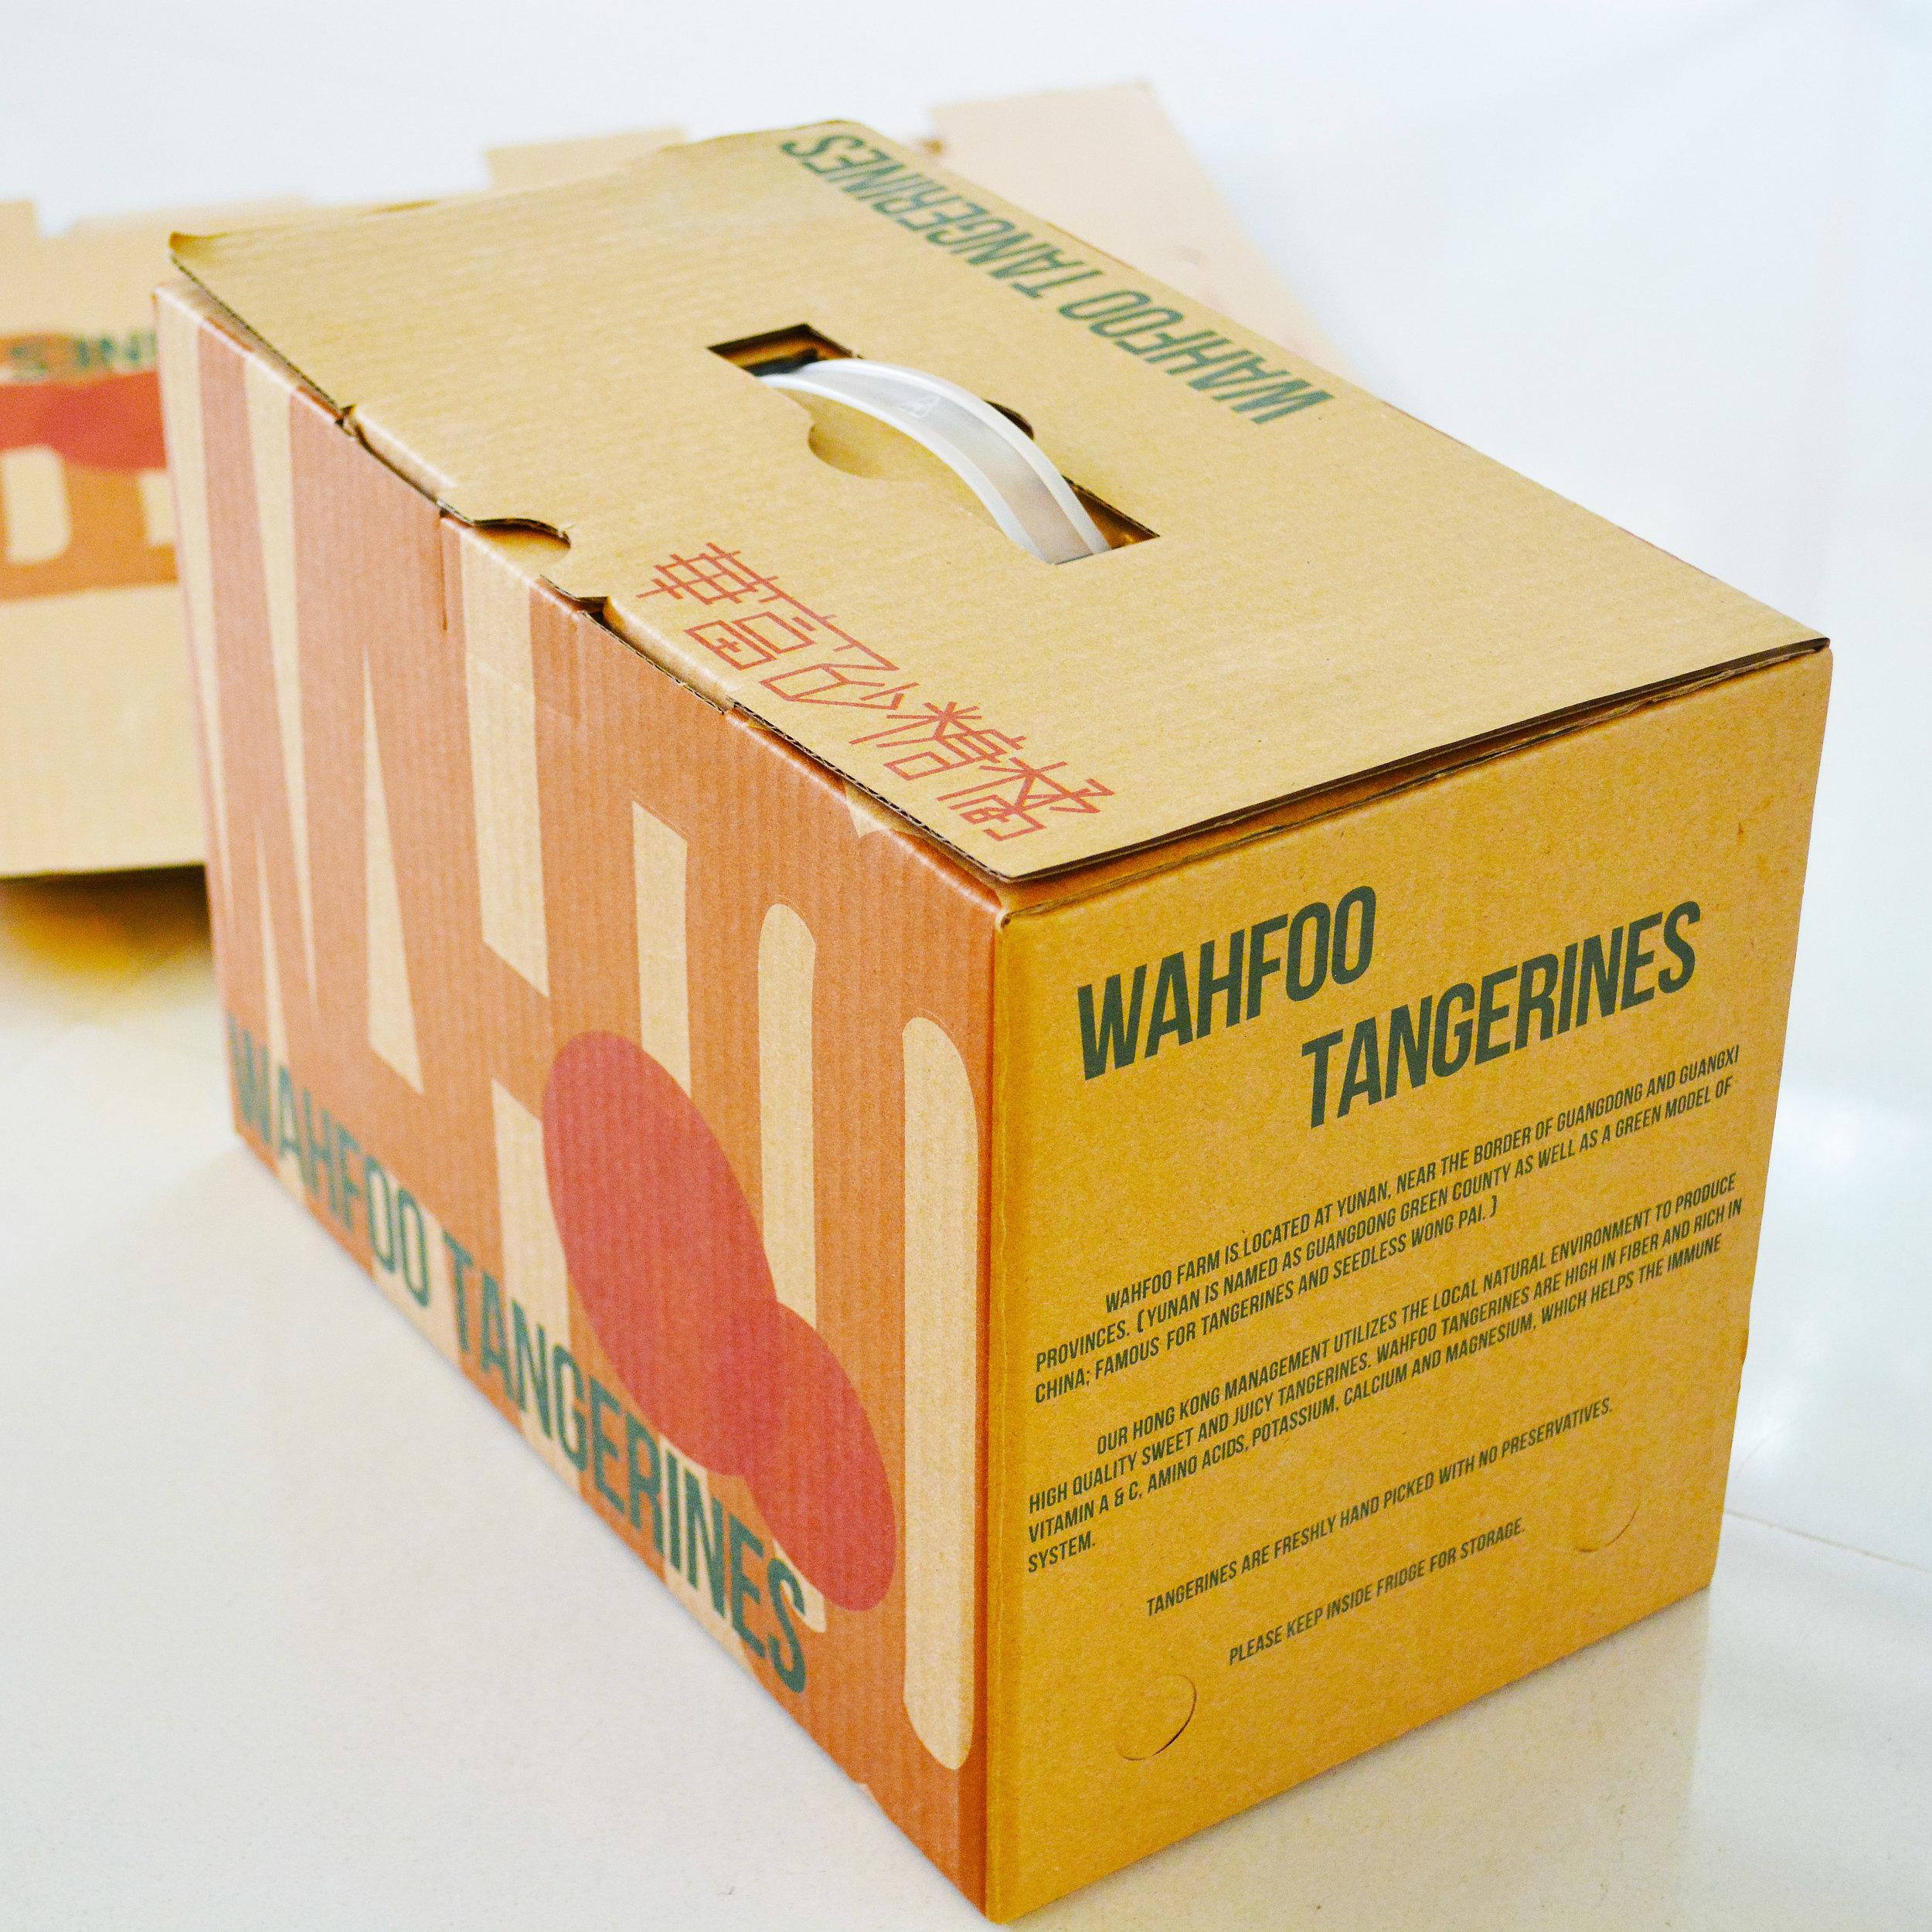 Wahfoo Tangerines